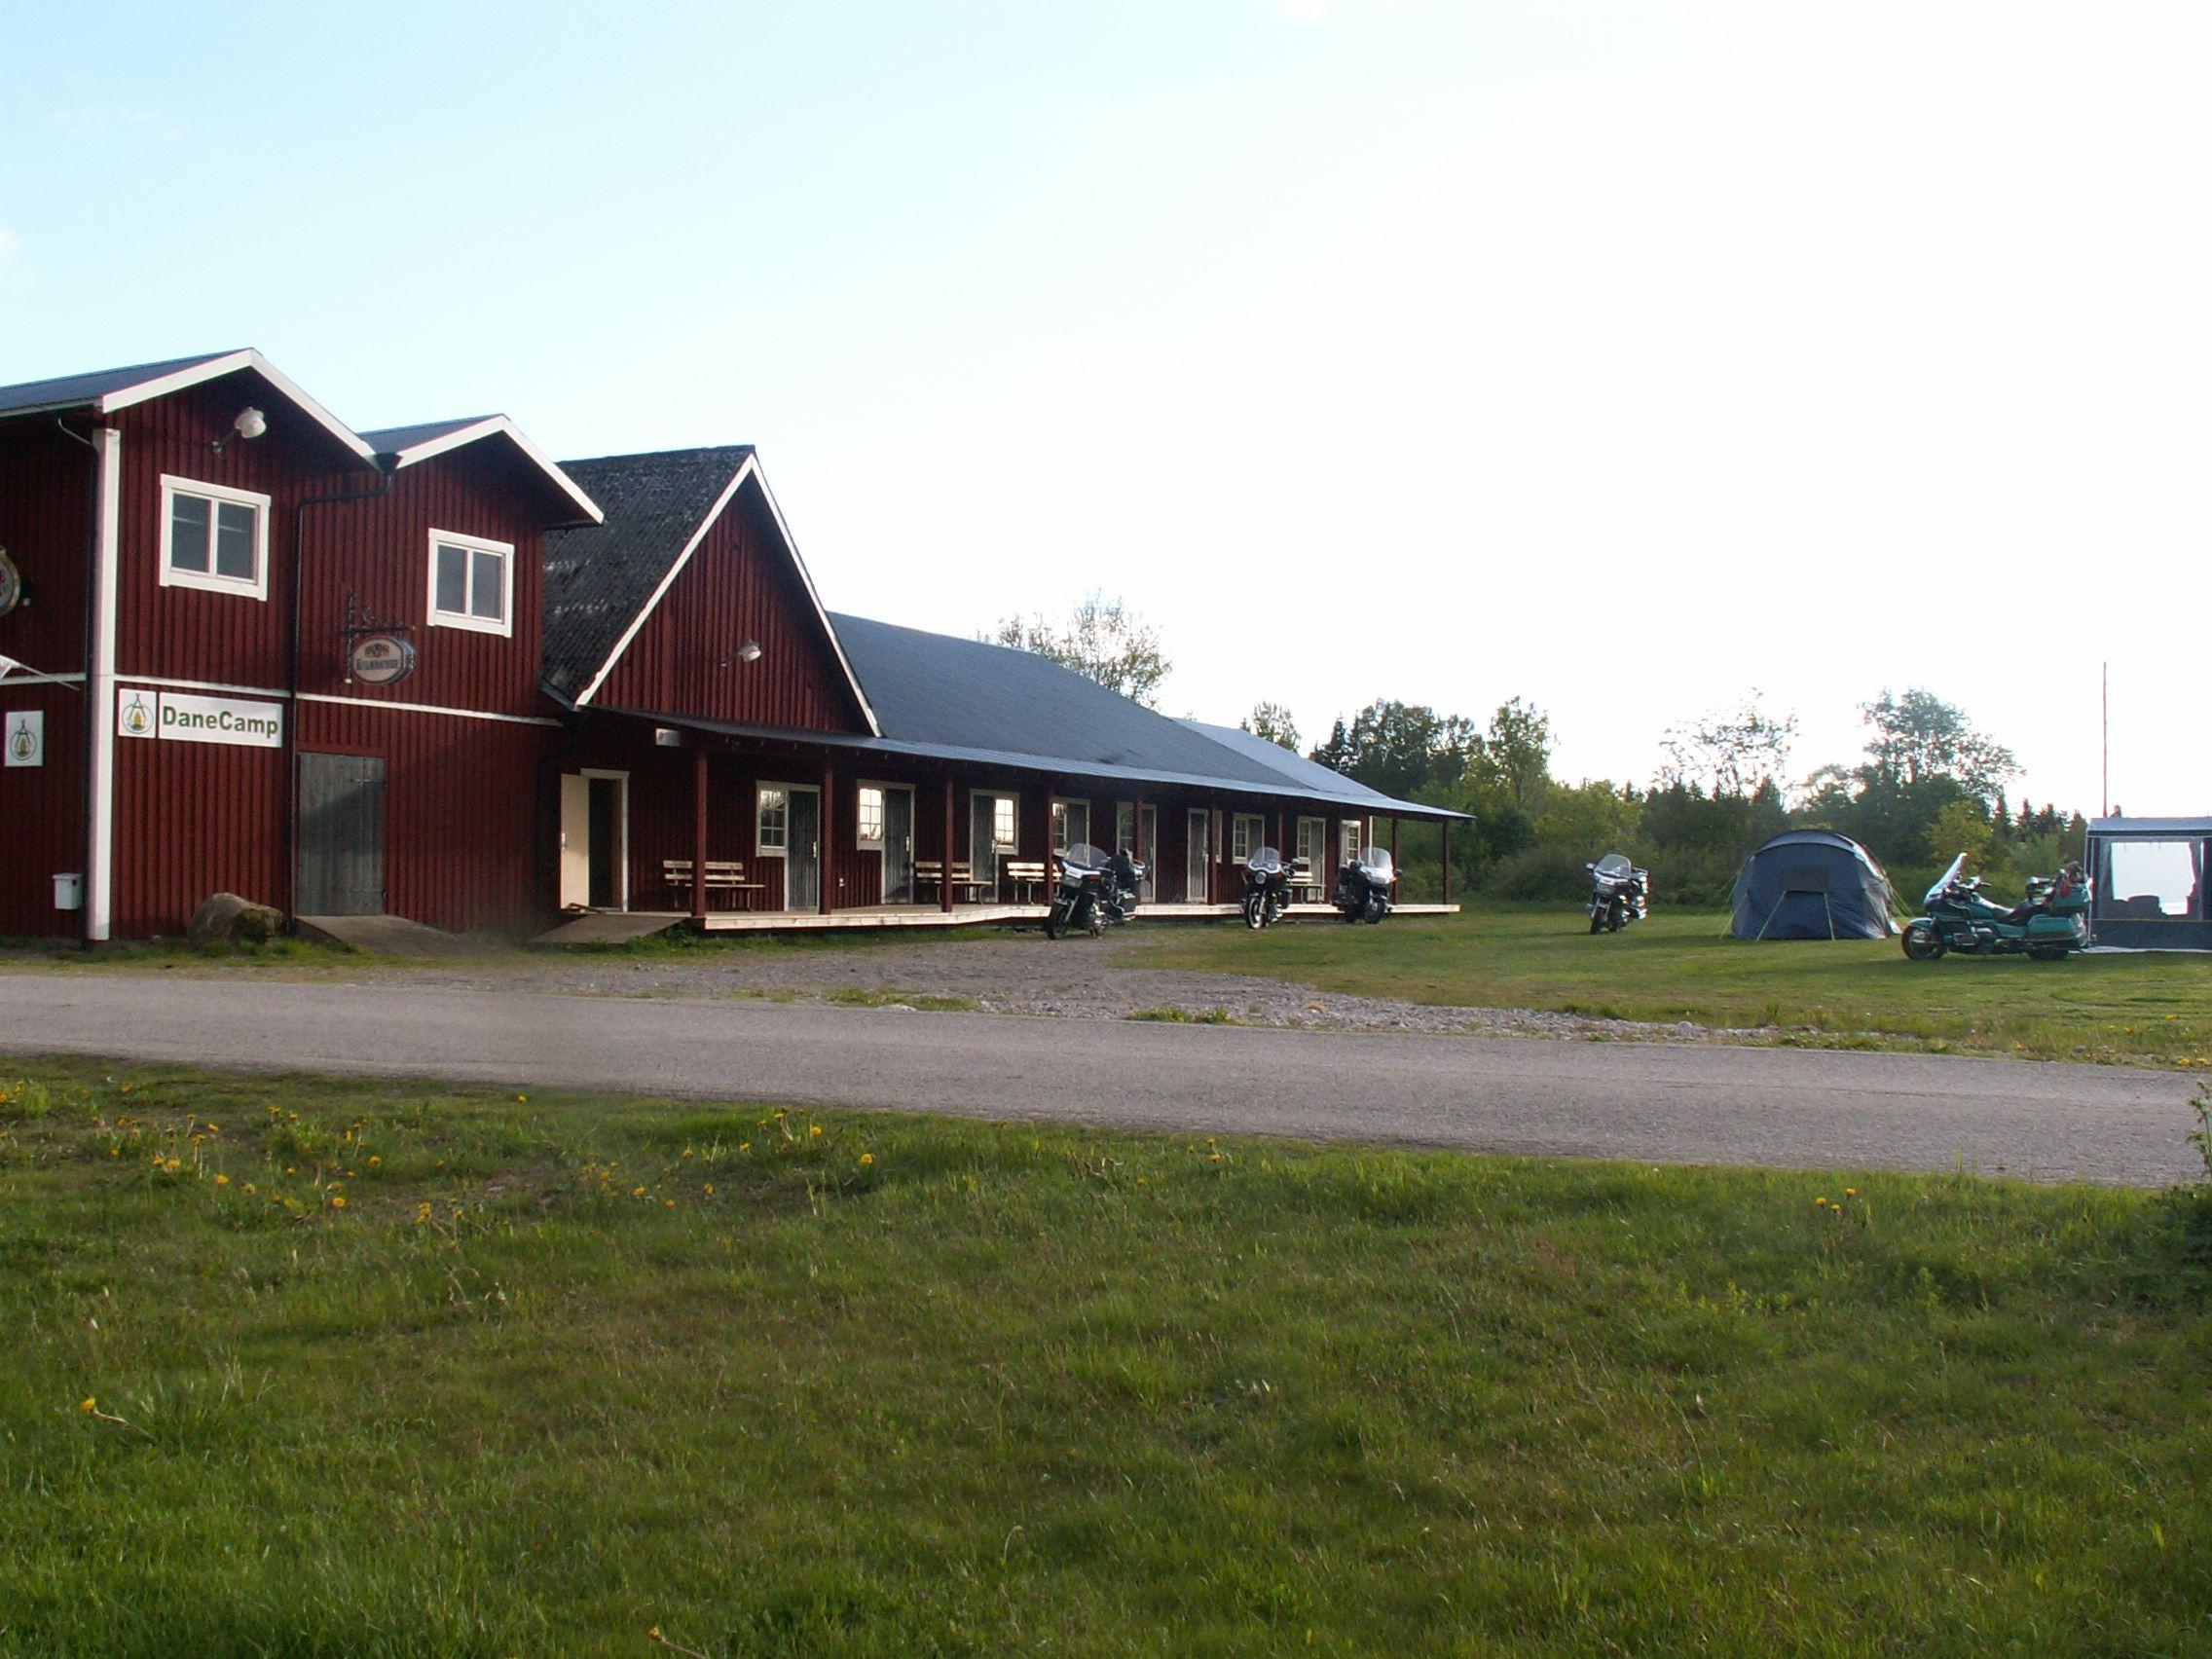 DaneCamp Cottages